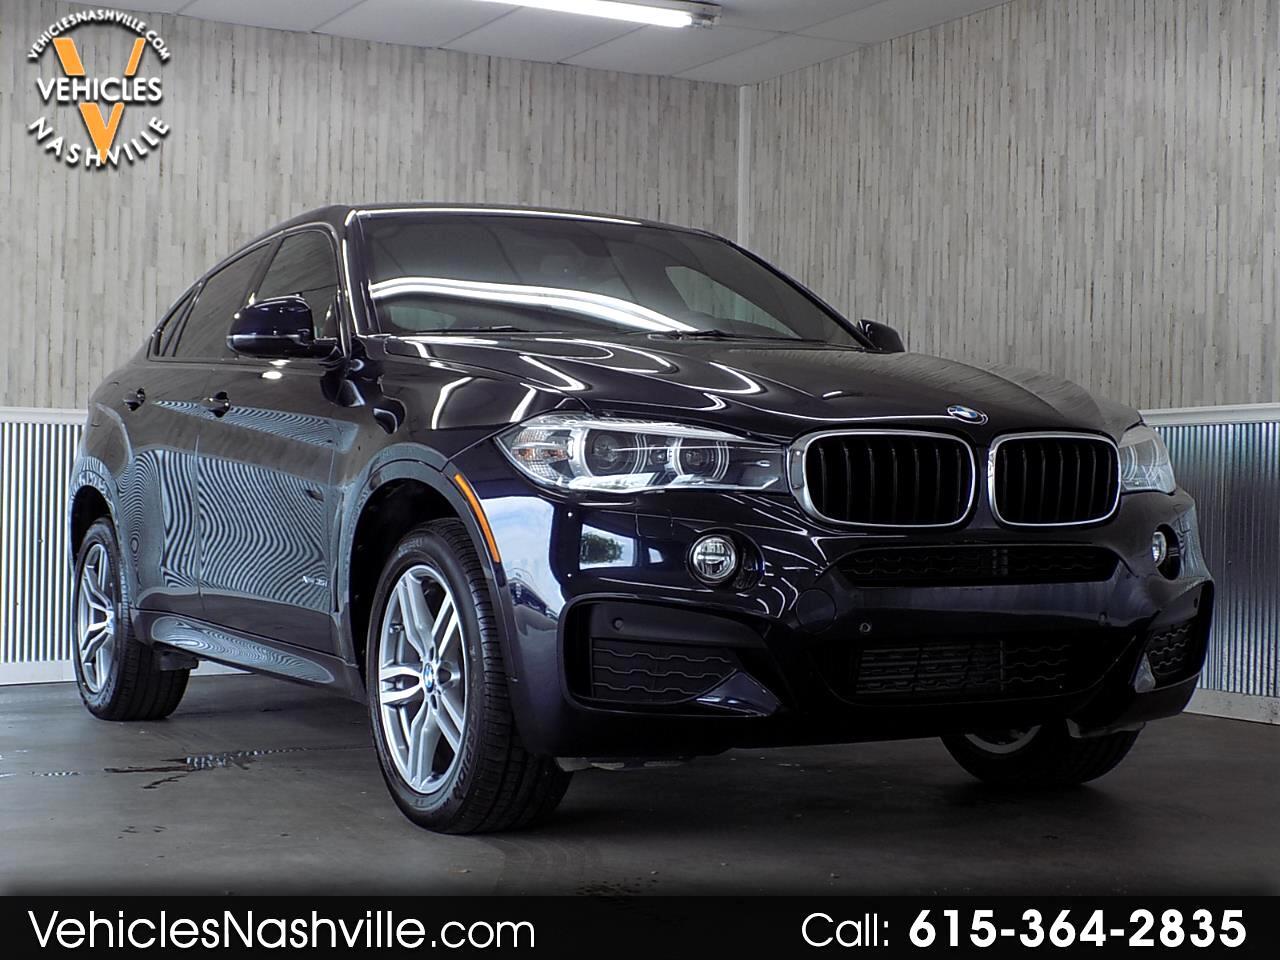 BMW X6 xDrive35i 2016